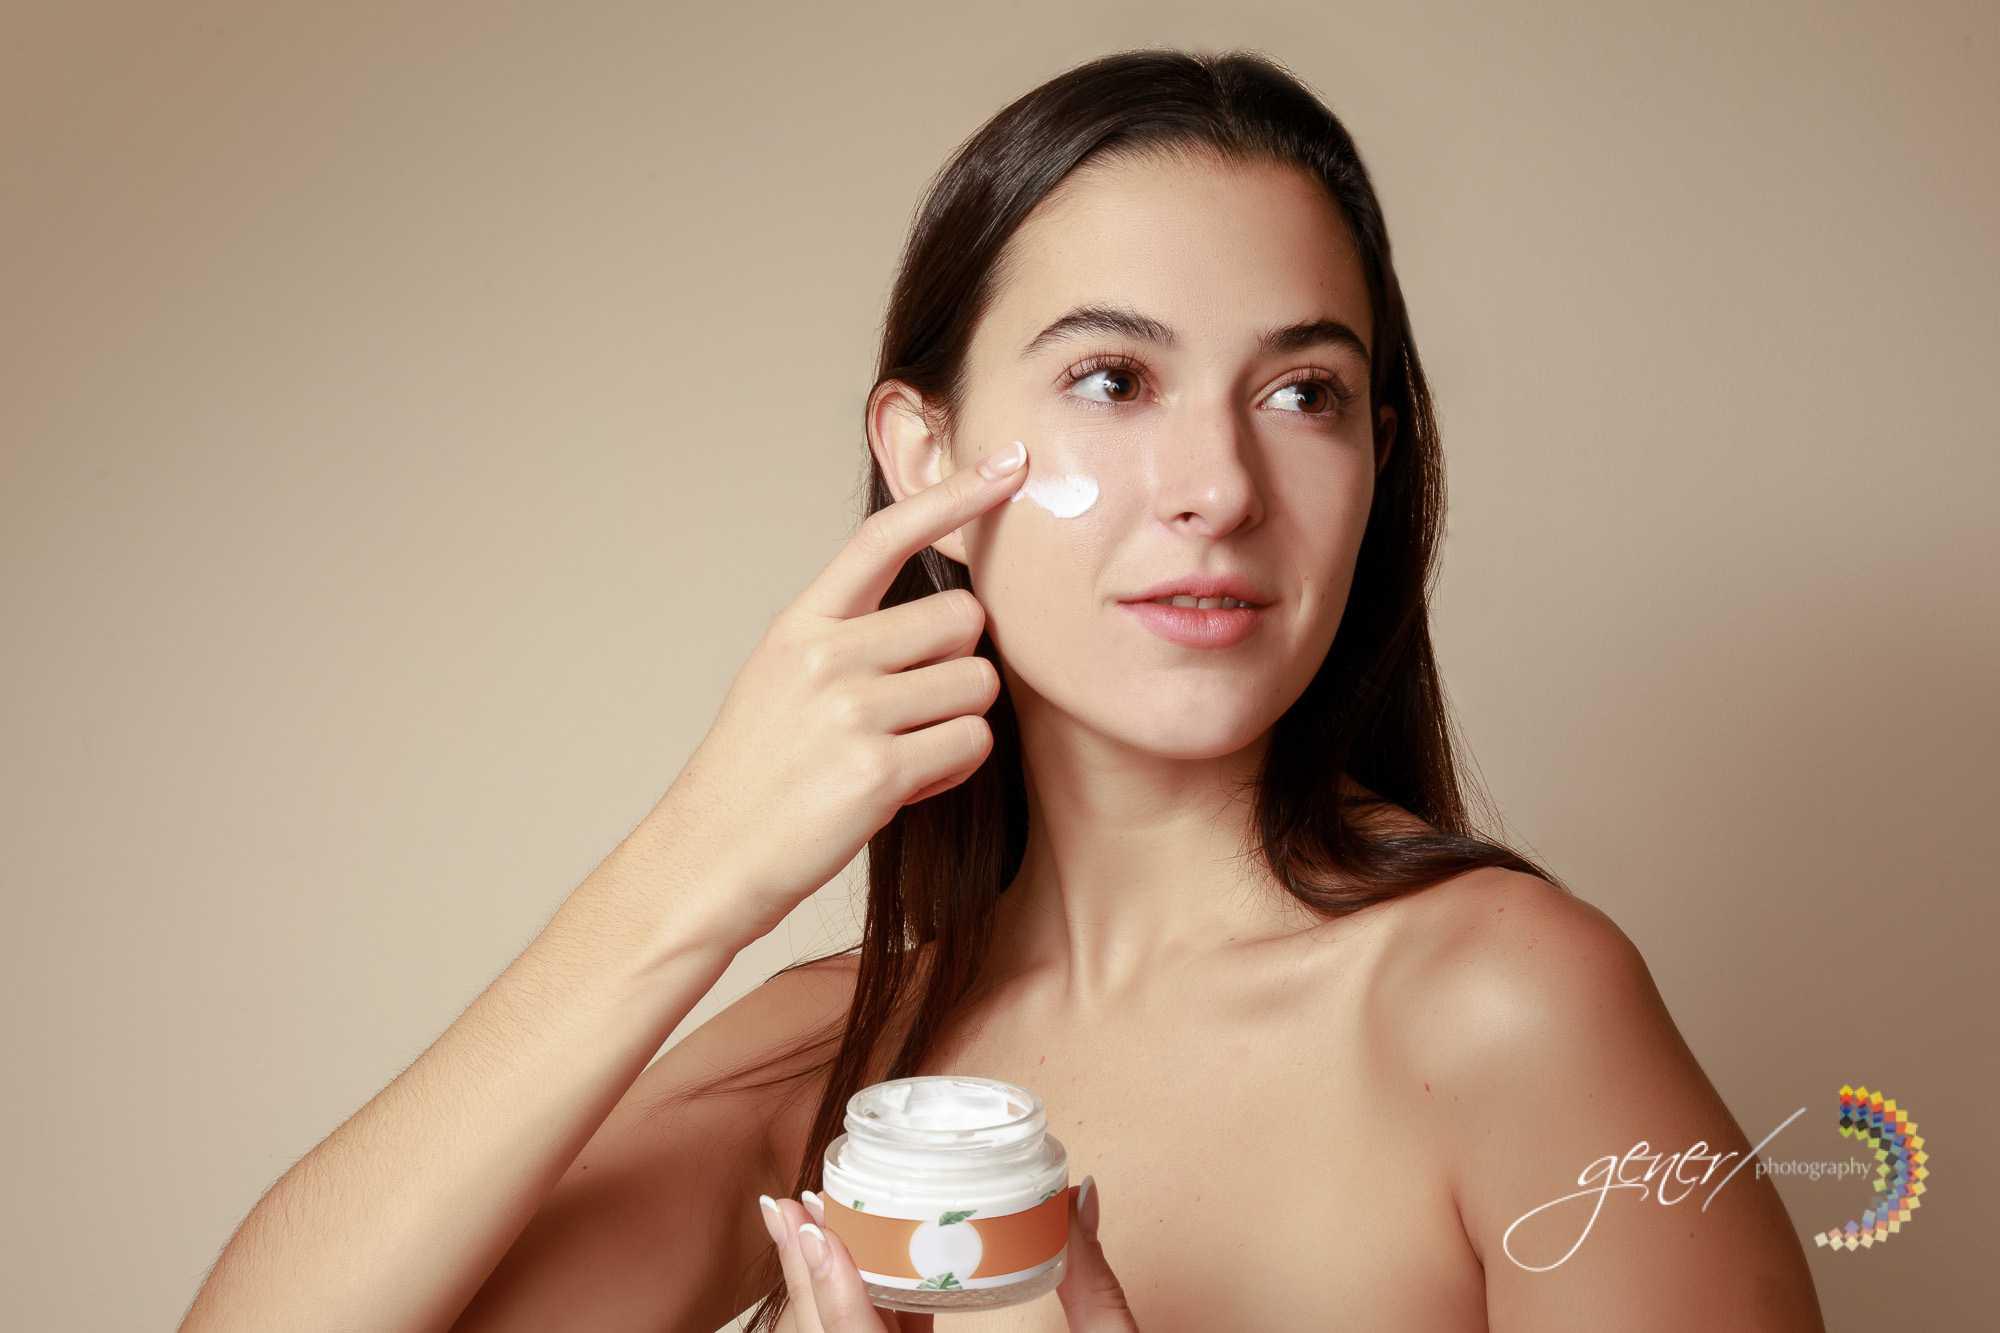 Fotografía publicitaria de producto para marca o empresa. Productos de belleza